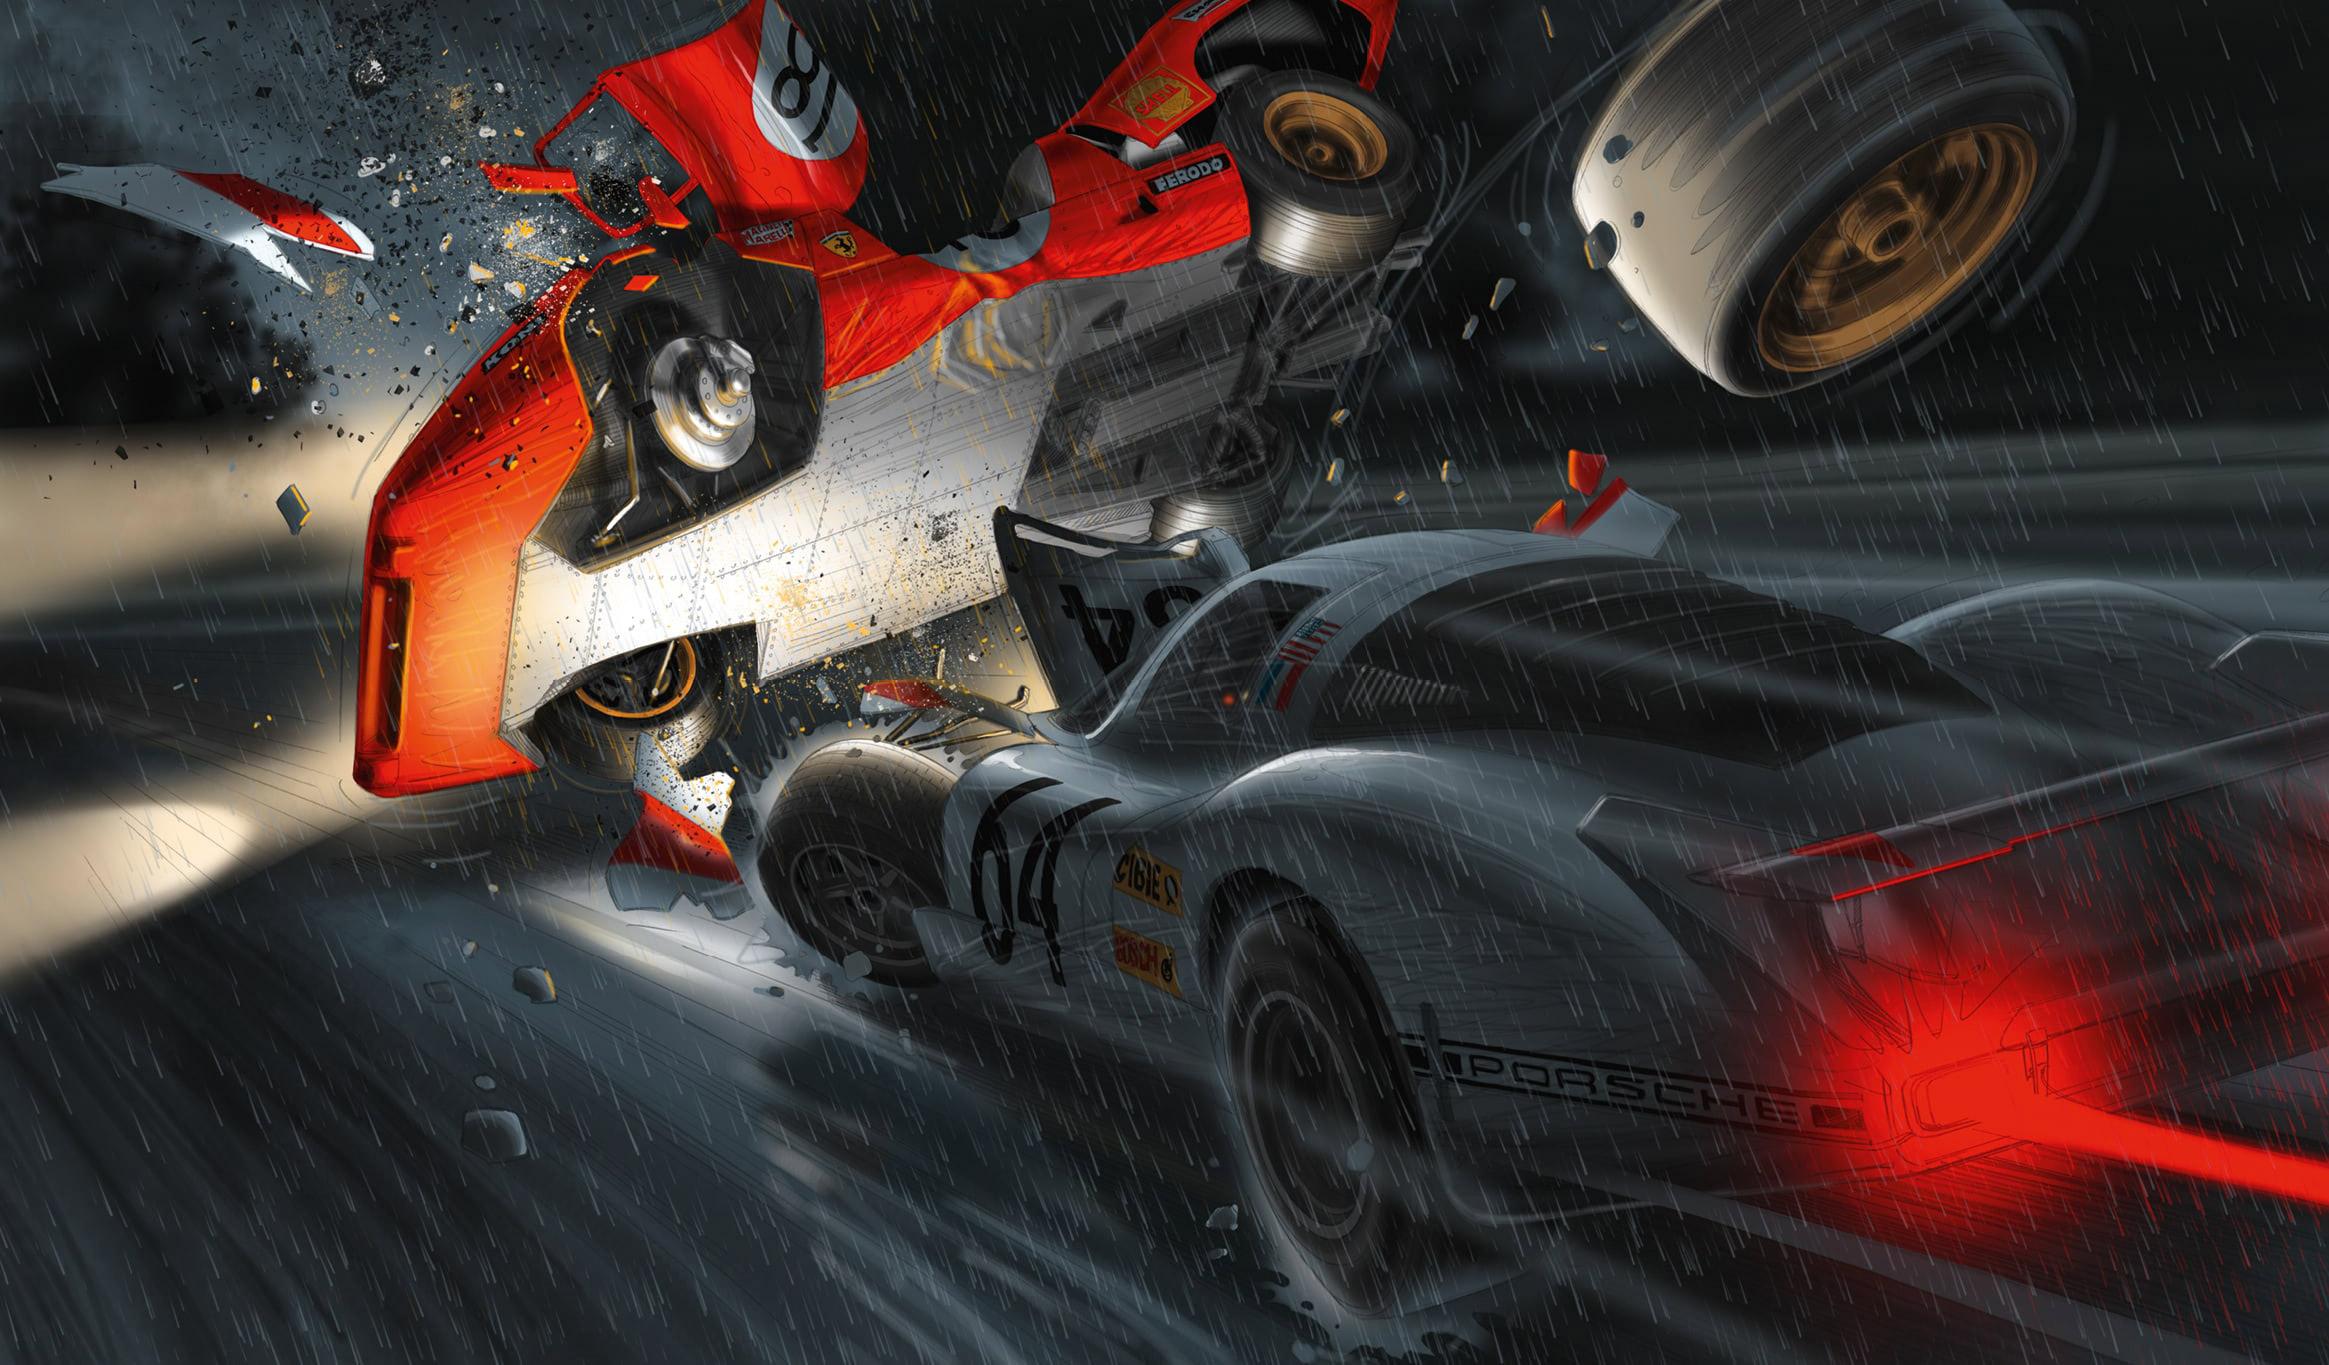 Le Mans #2.jpg